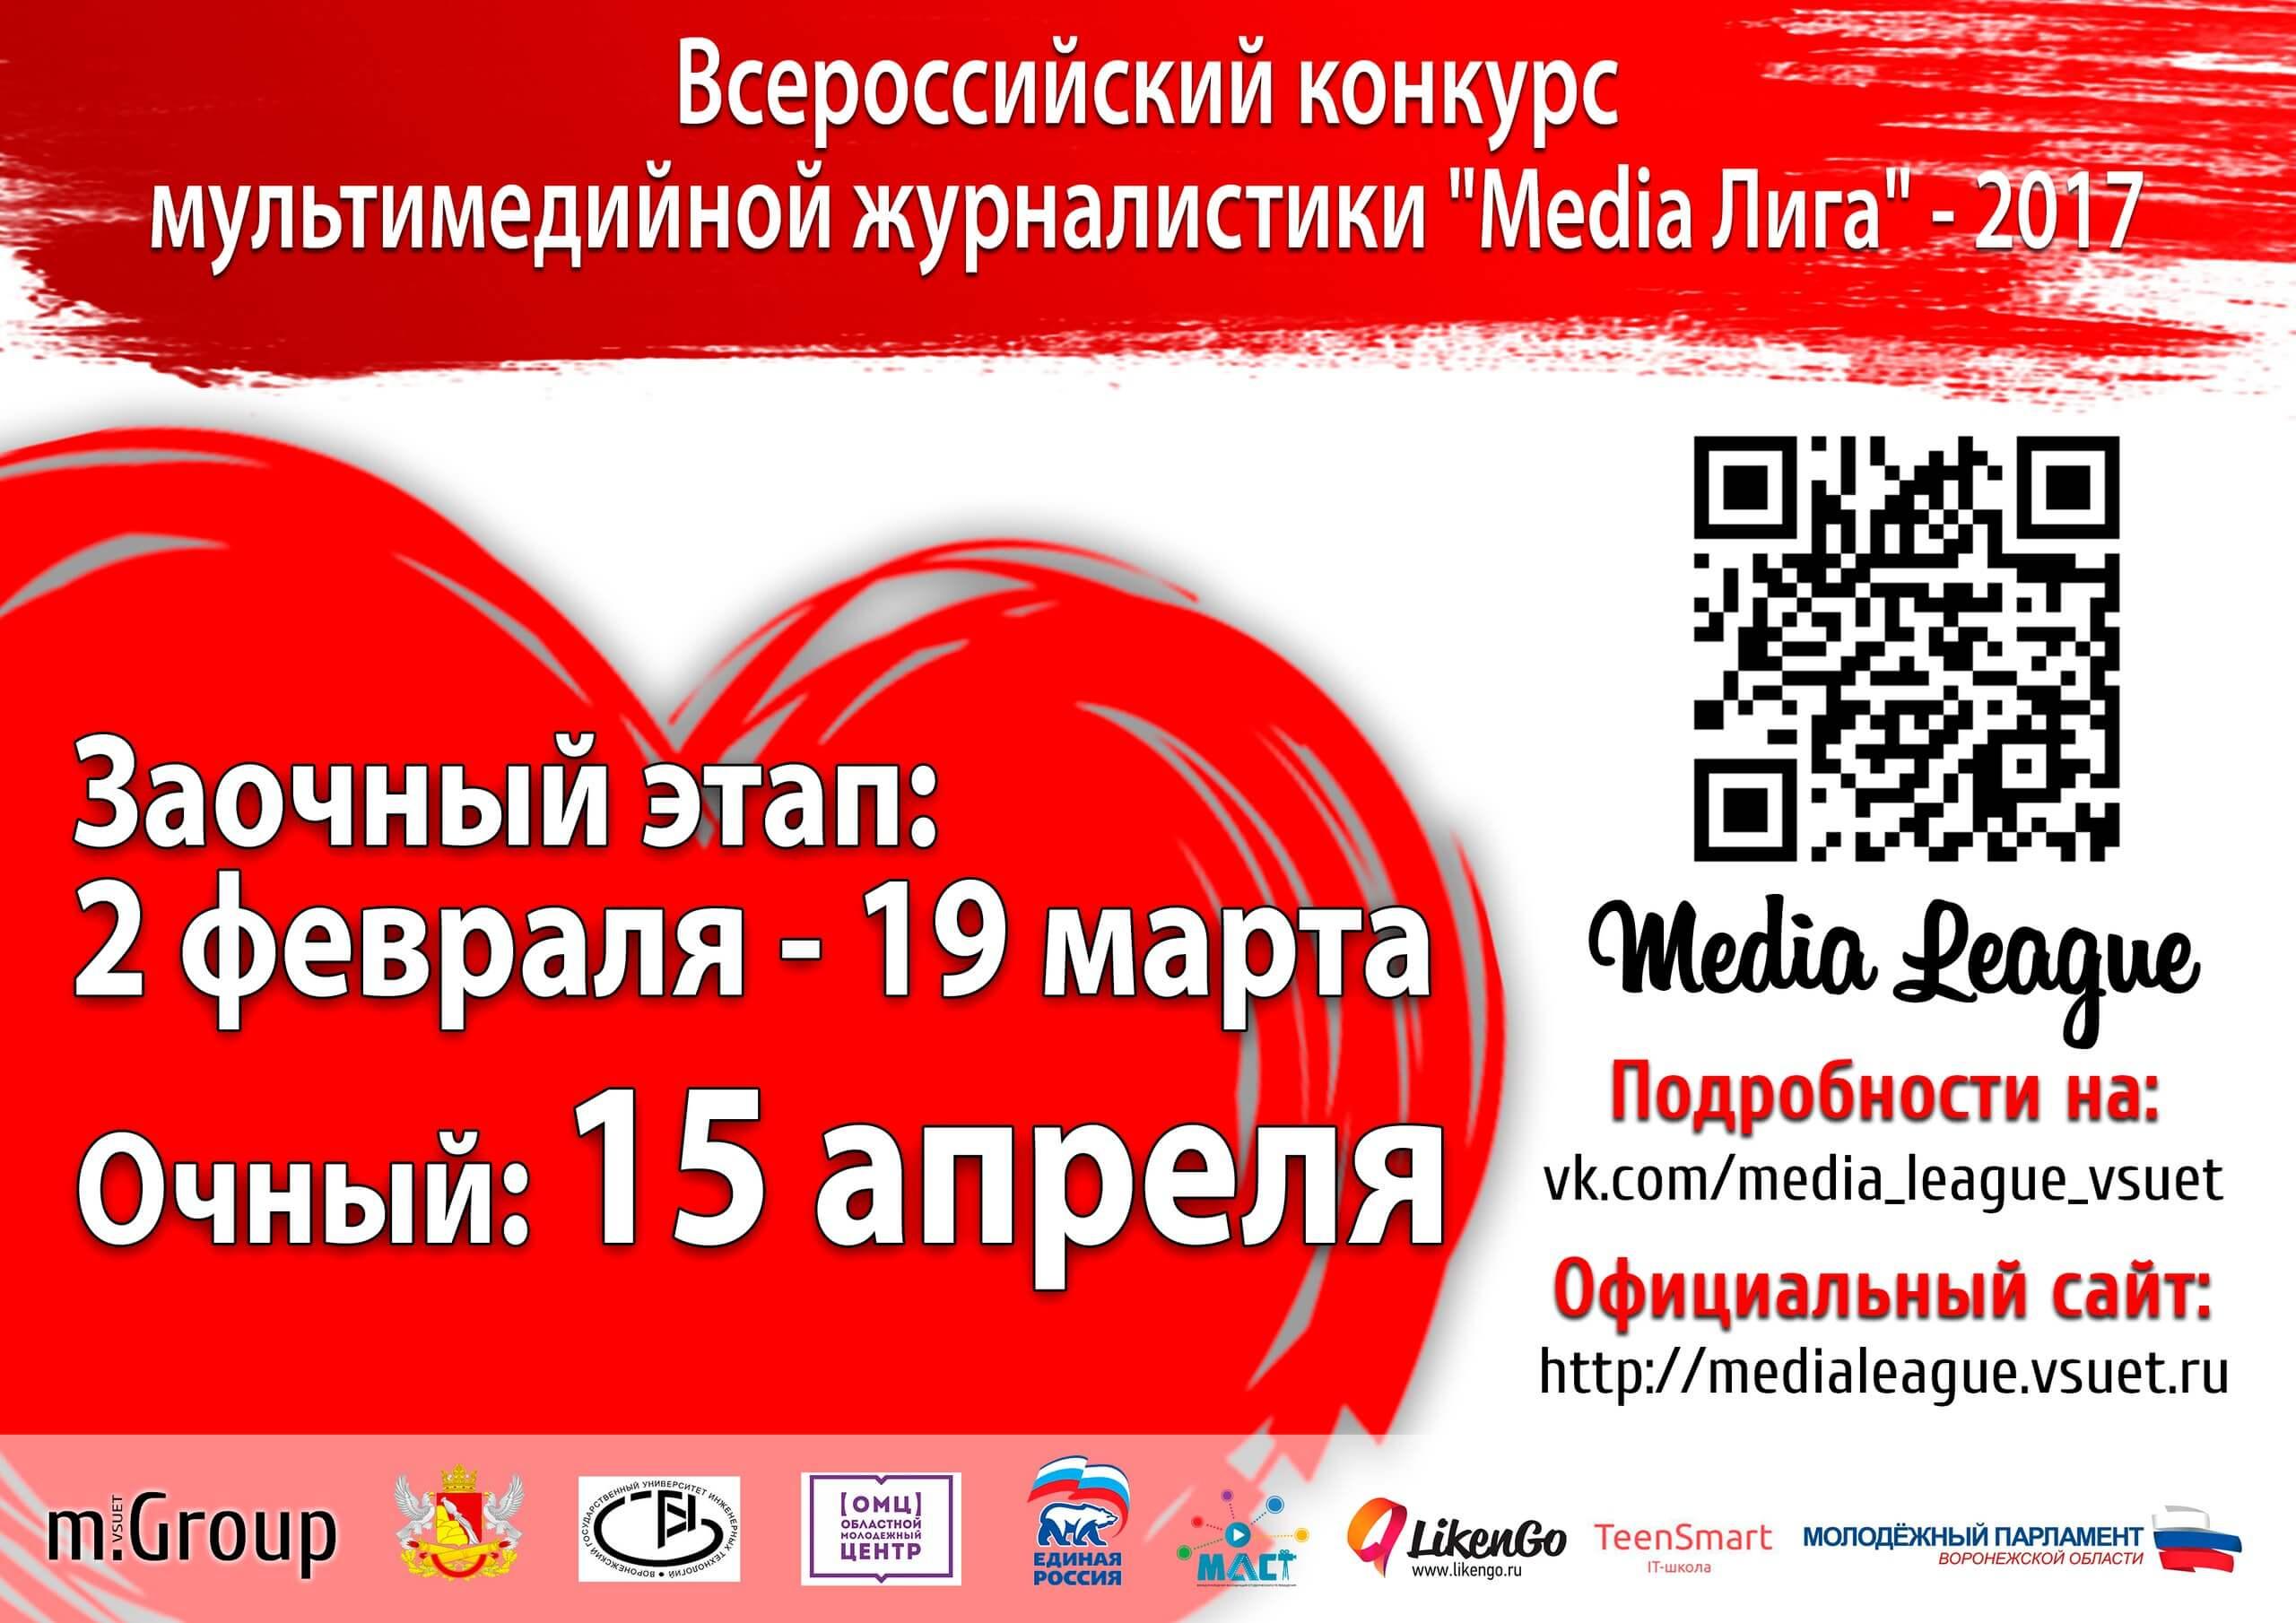 В Воронеже пройдет конкурс мультимедийной журналистики